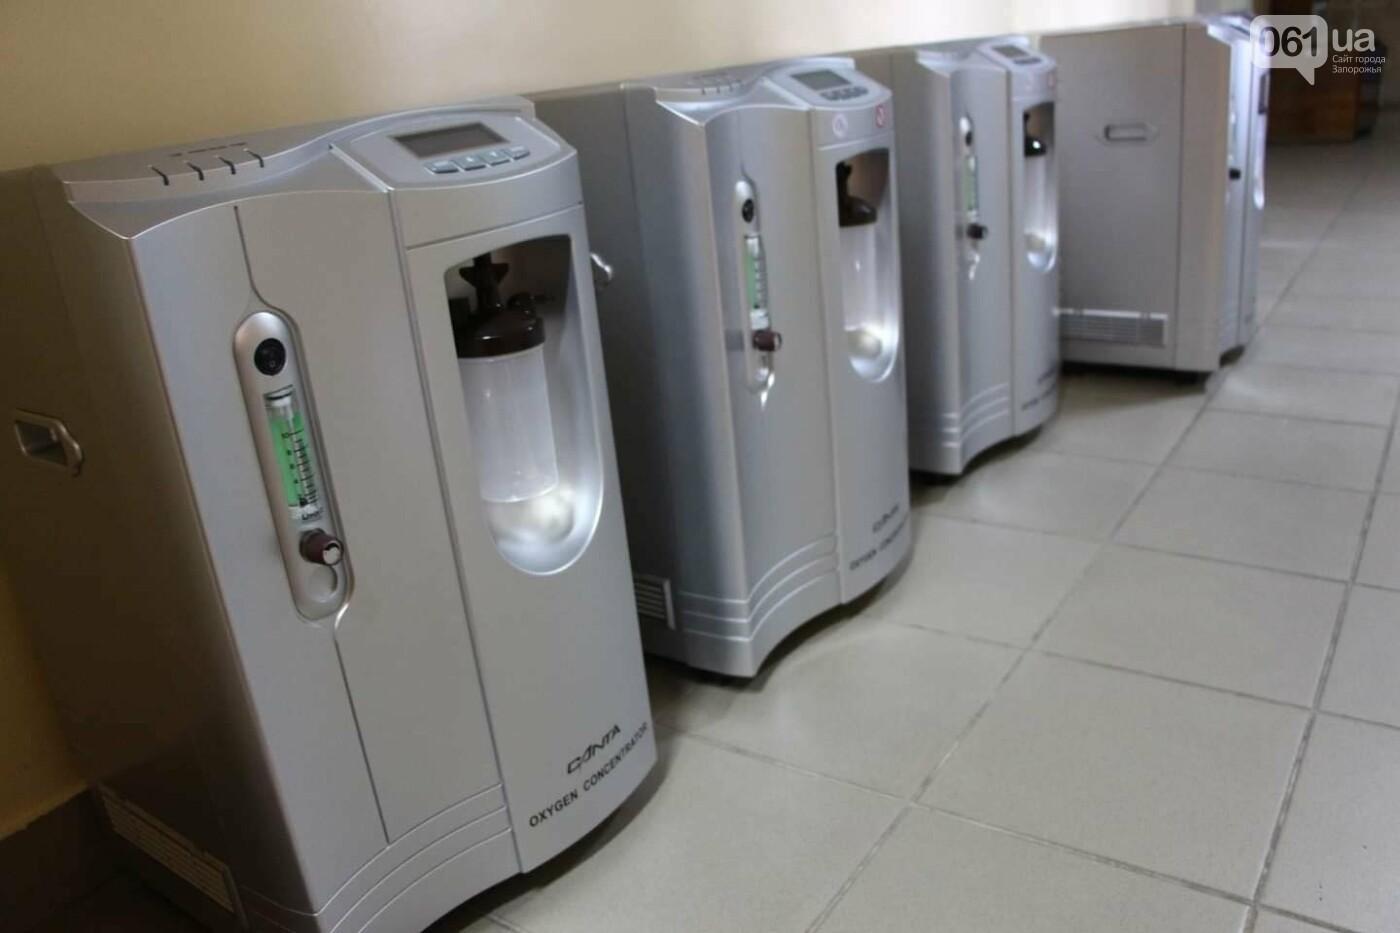 Запорожские больницы получили 50 дополнительных кислородных концентраторов, фото-3